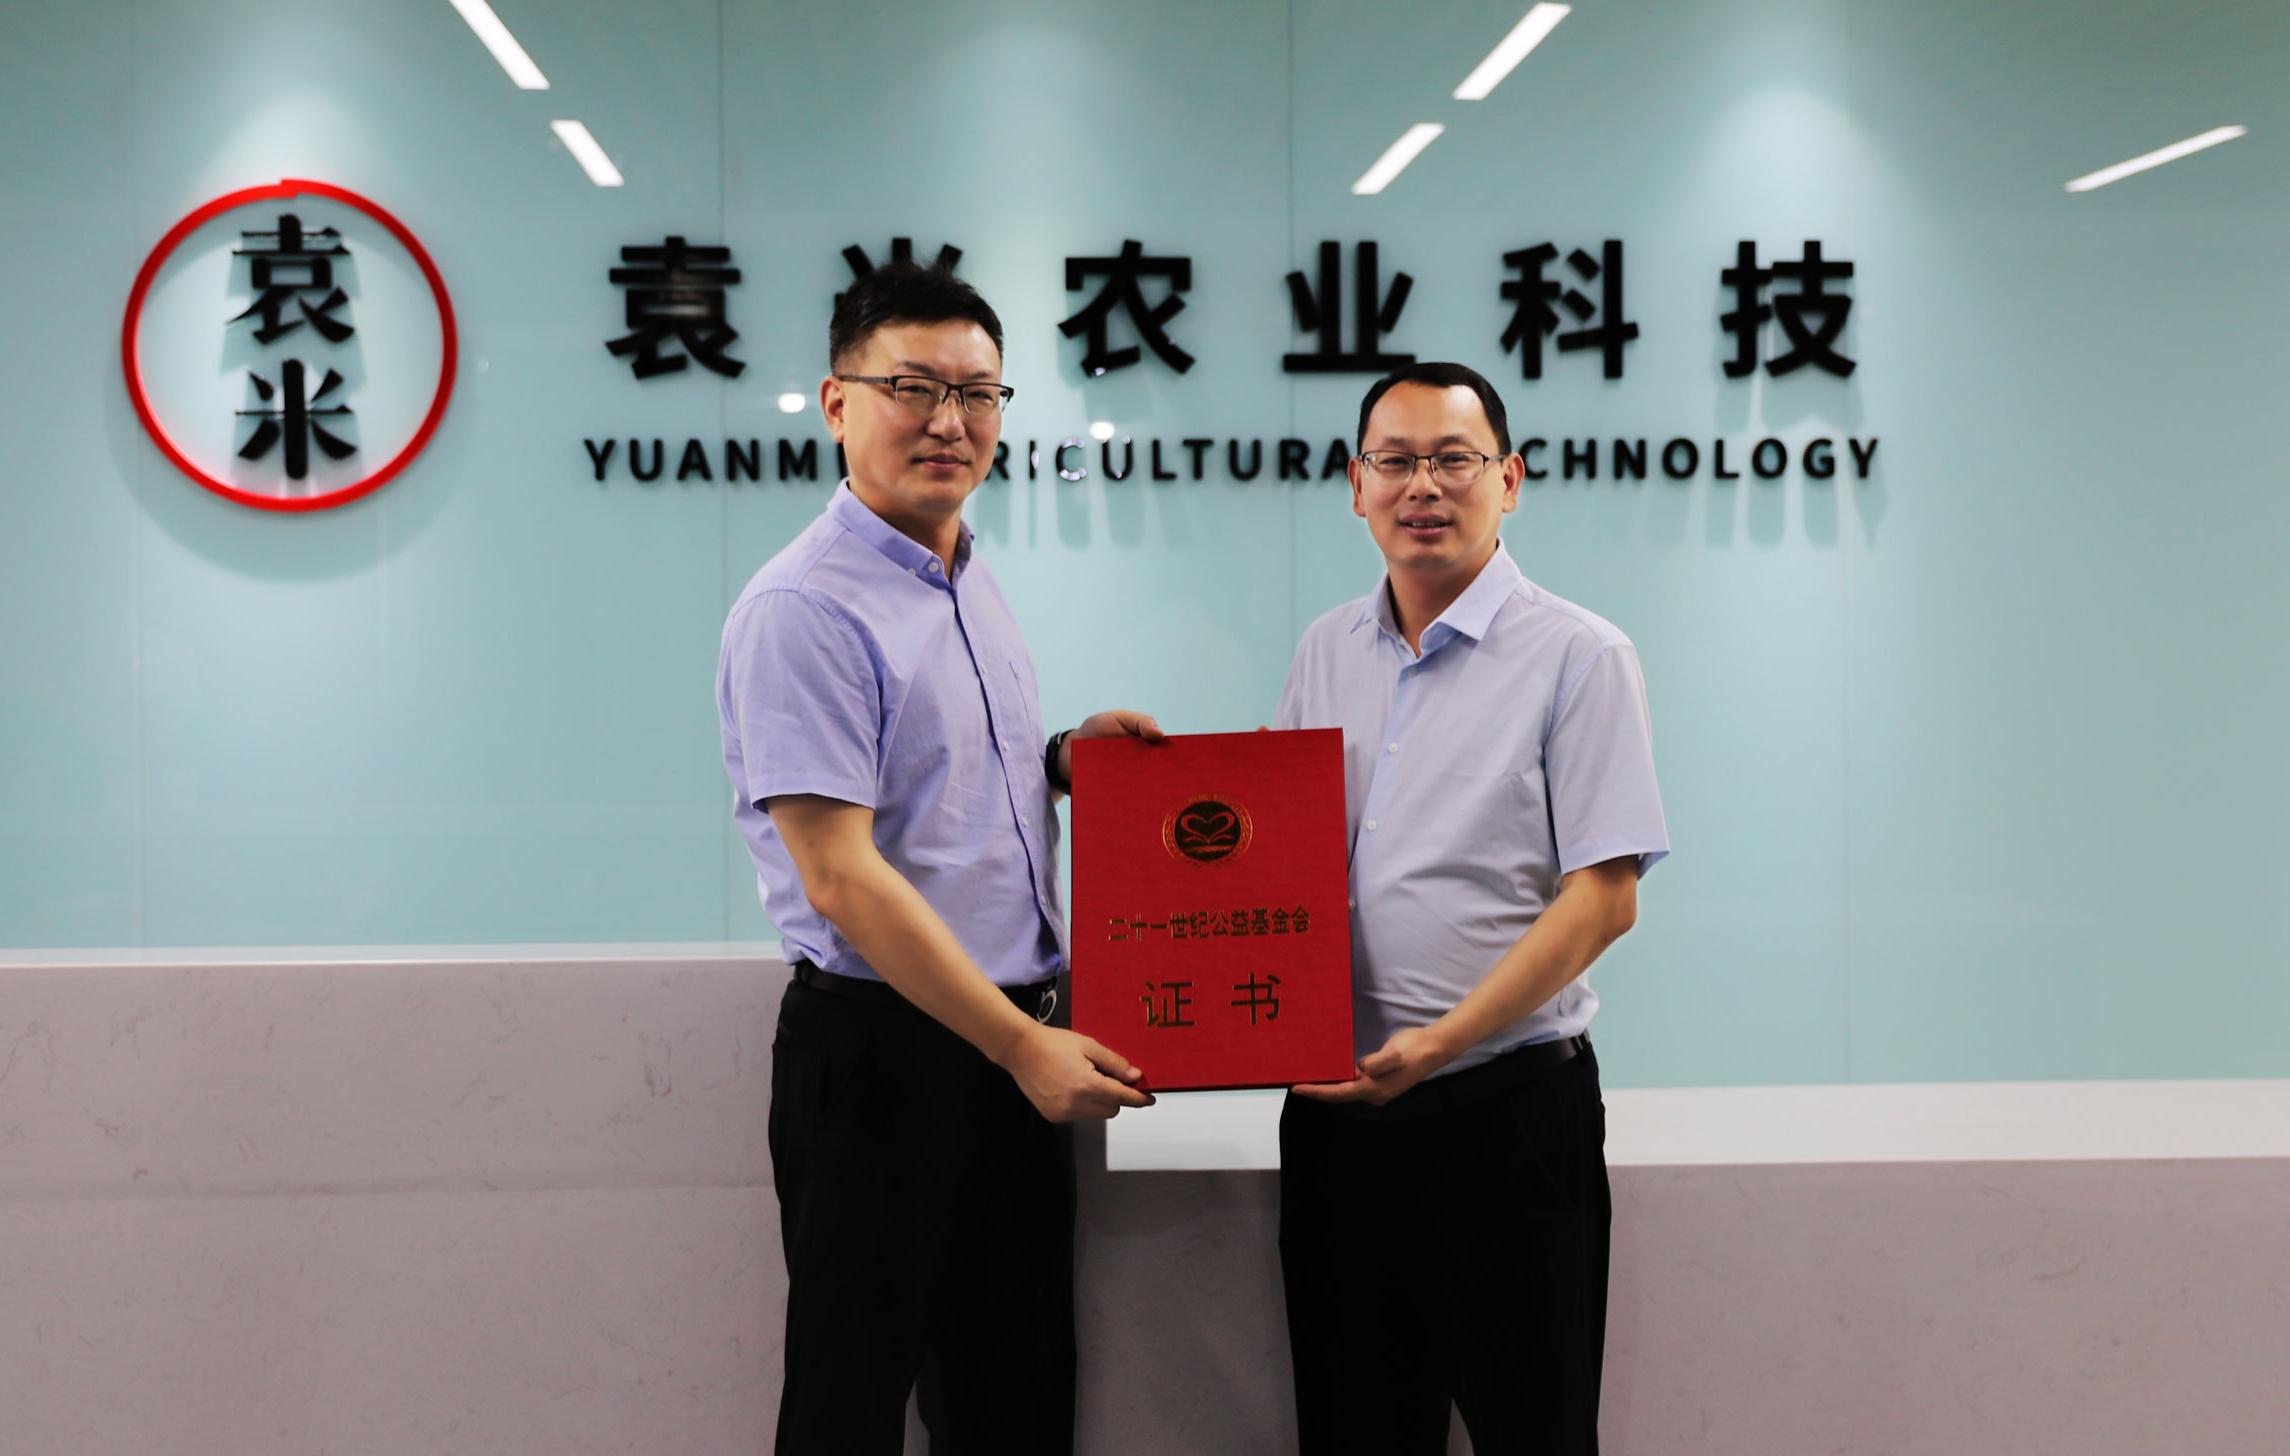 二十一世纪公益基金会授予袁米农业科技爱心企业称号